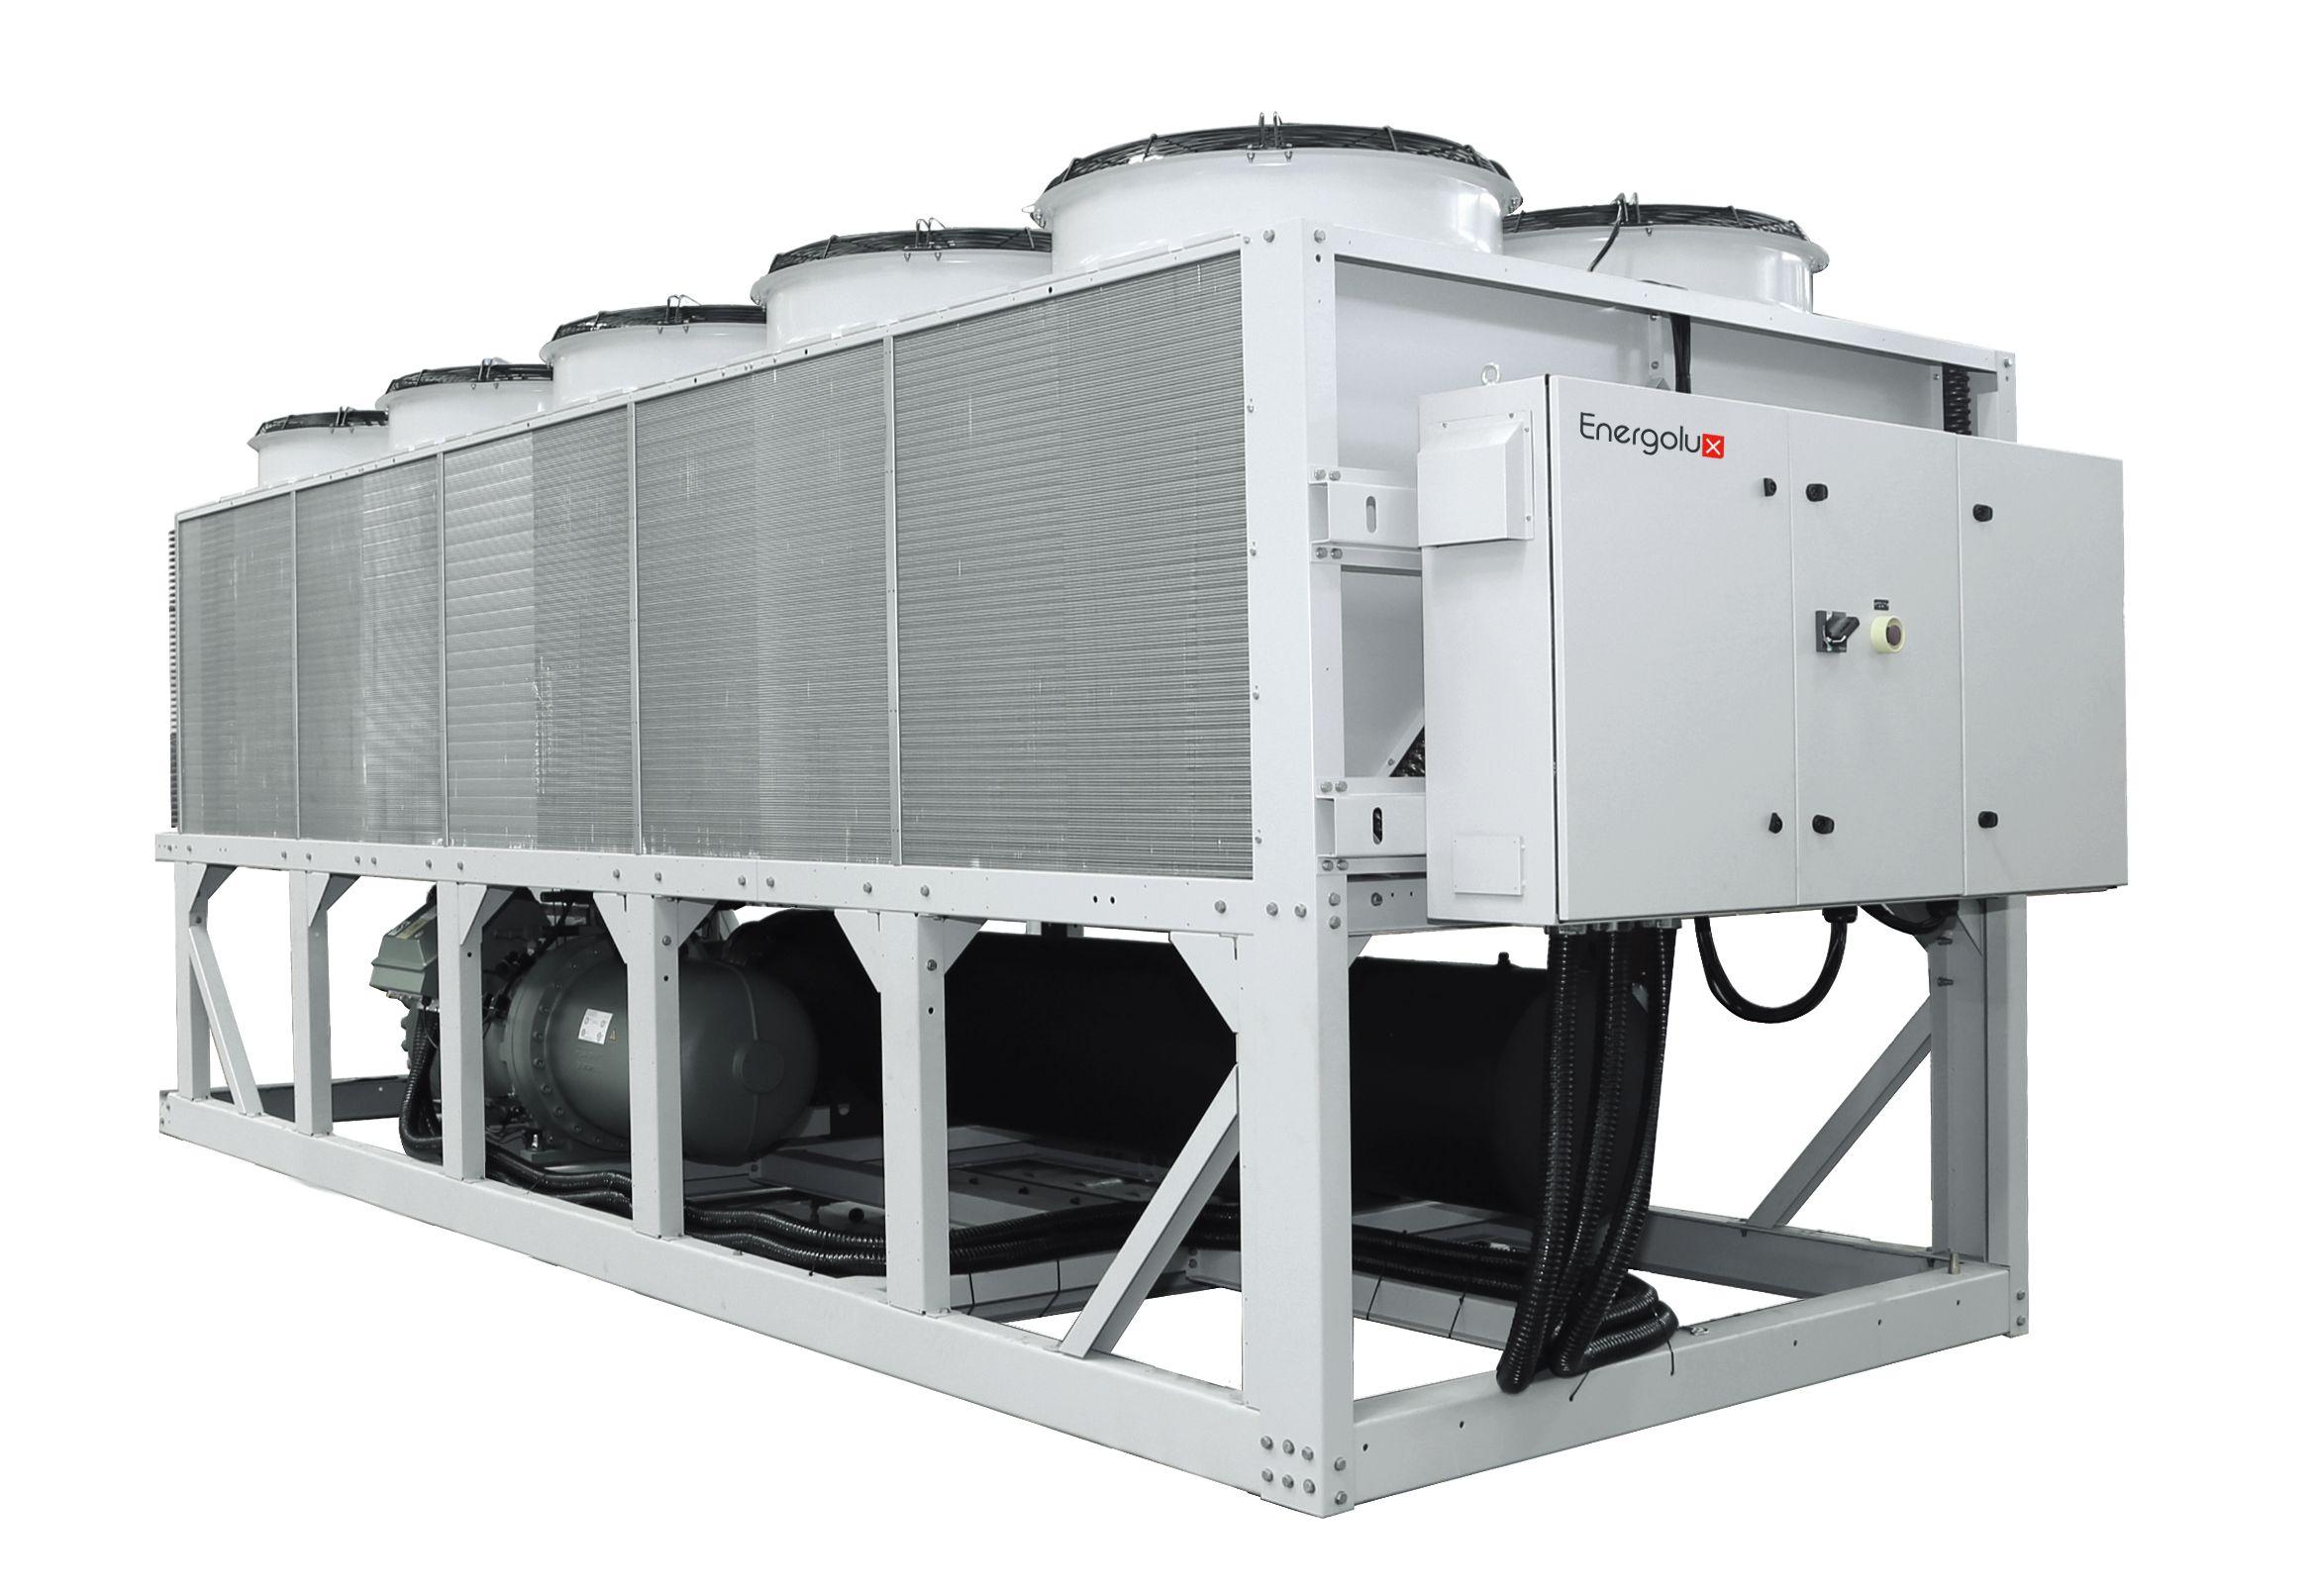 Energolux SCAW-FC-T 2440 V